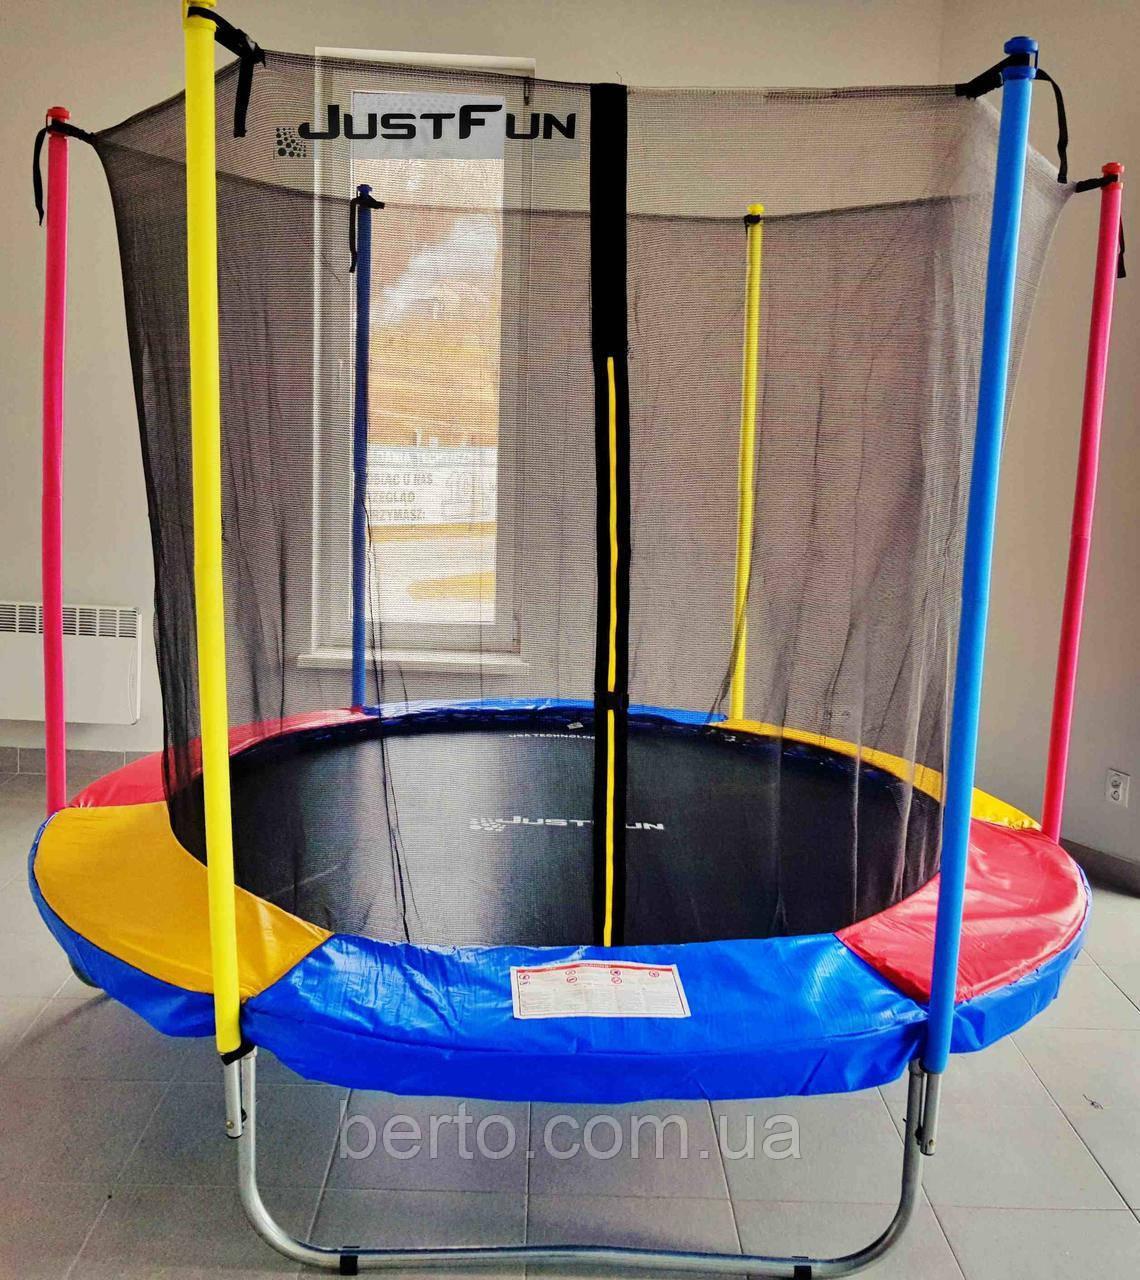 Батут JUST FUN MULTICOLOR 305см (10ft) диаметр с внутренней сеткой спортивный для детей и взрослых